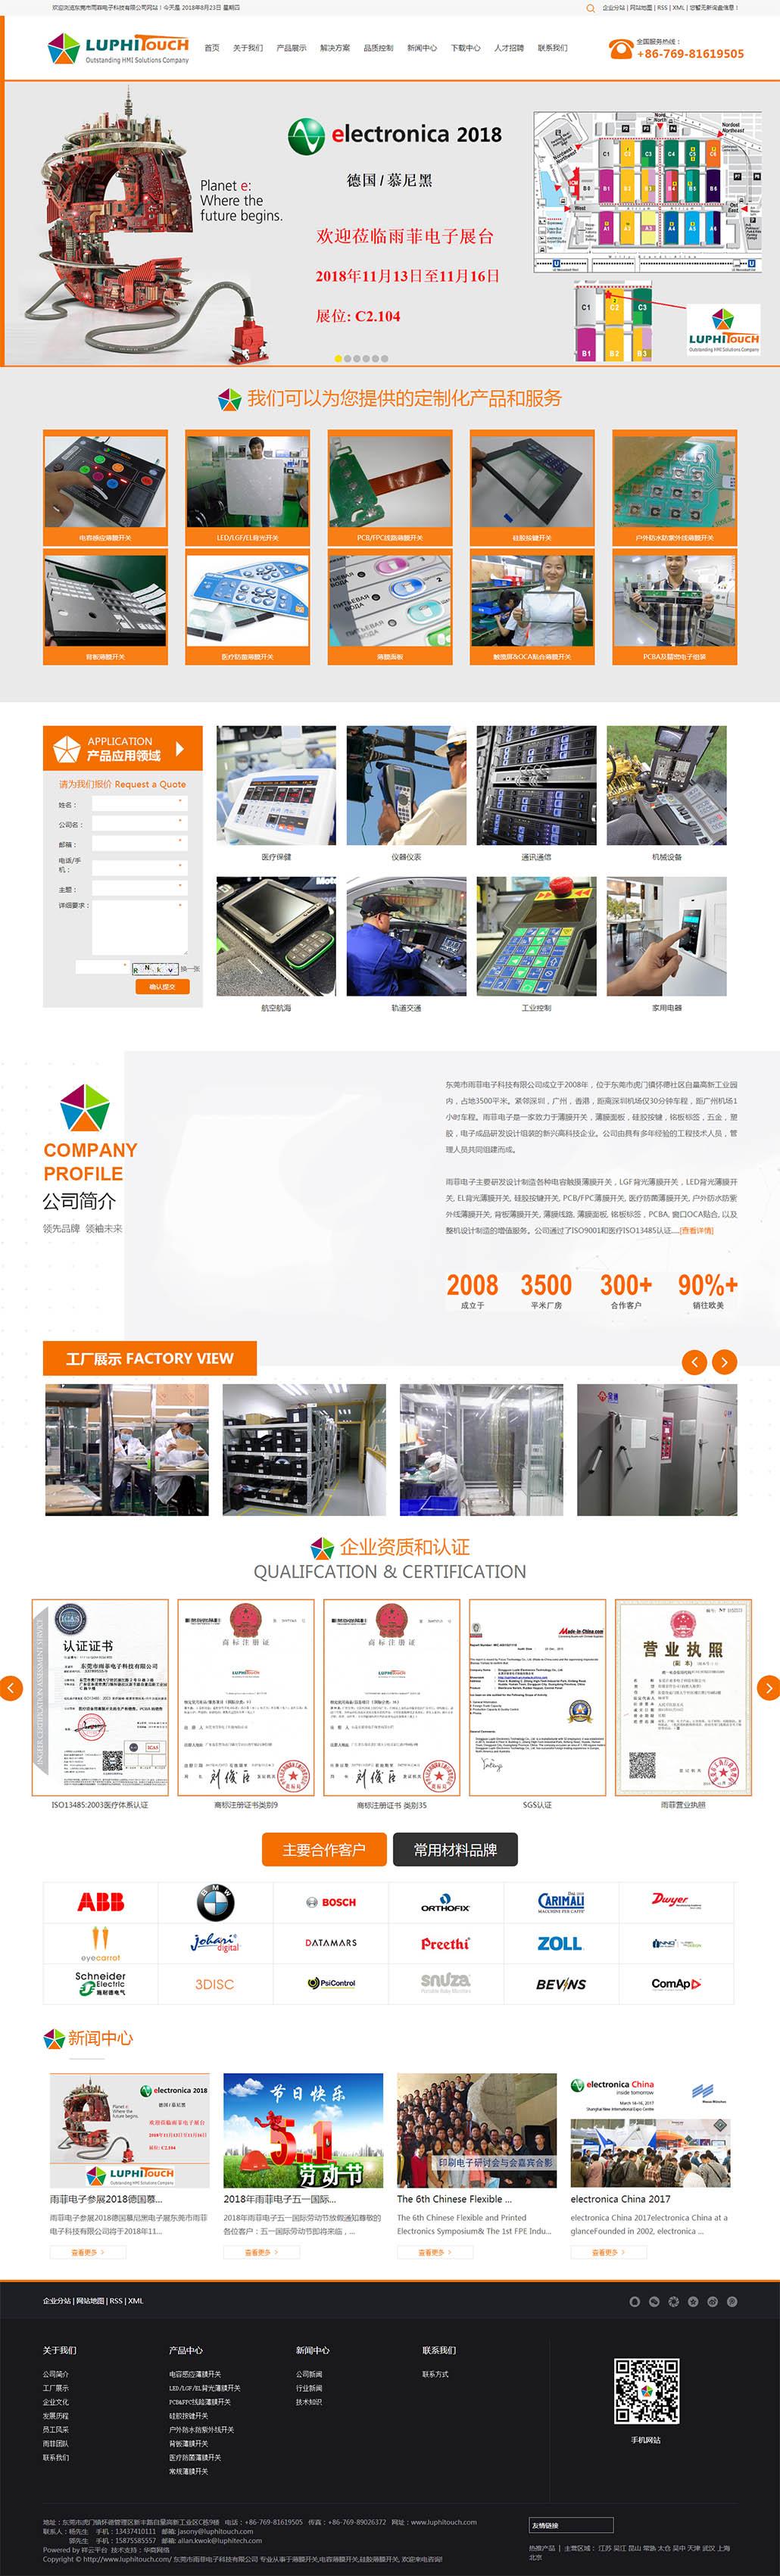 东莞市雨菲电子科技有限公司